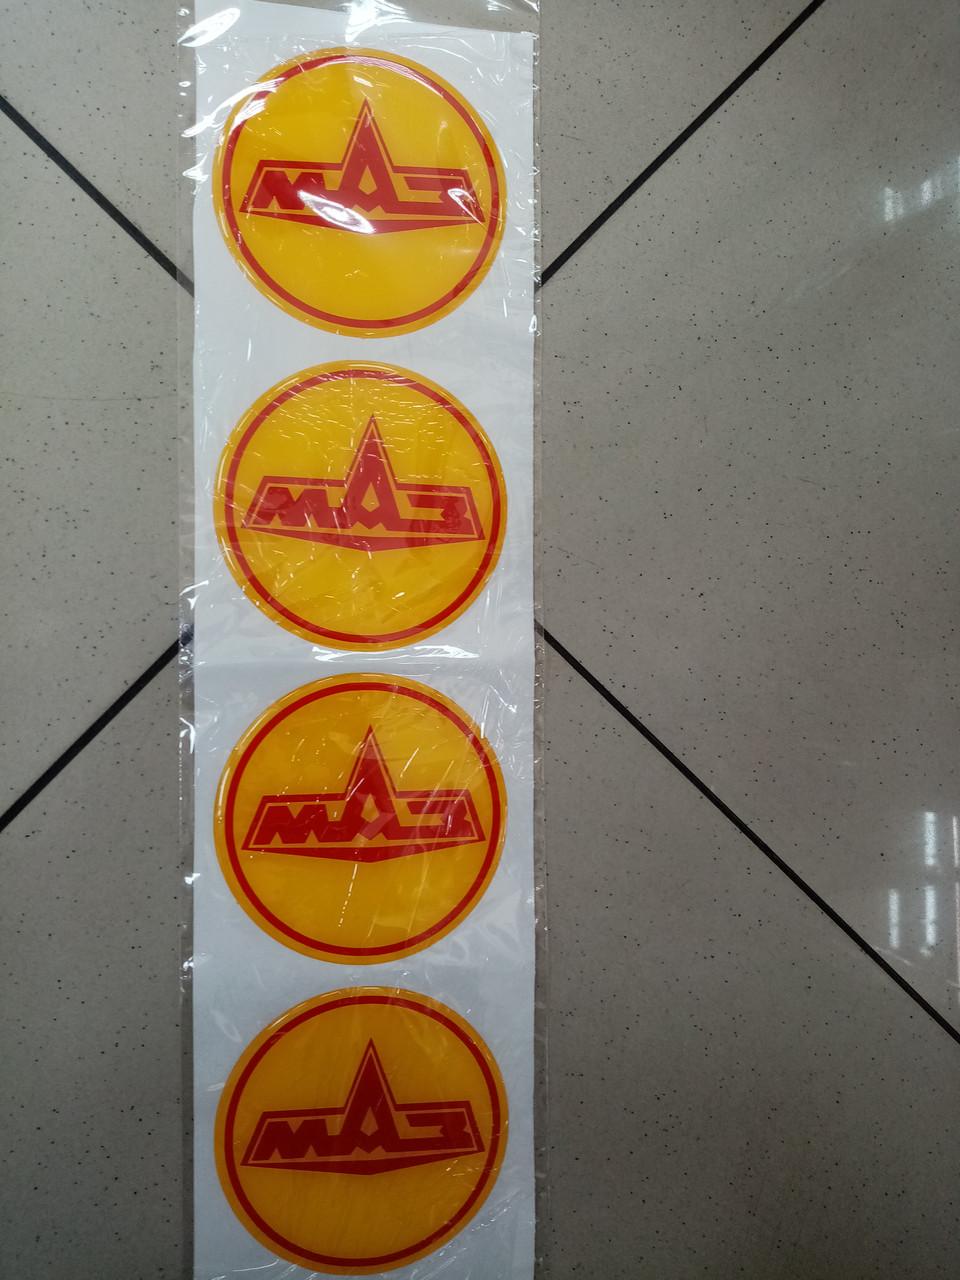 Заказ покупателя силиконовые 3D наклейки   МАЗ    95 мм